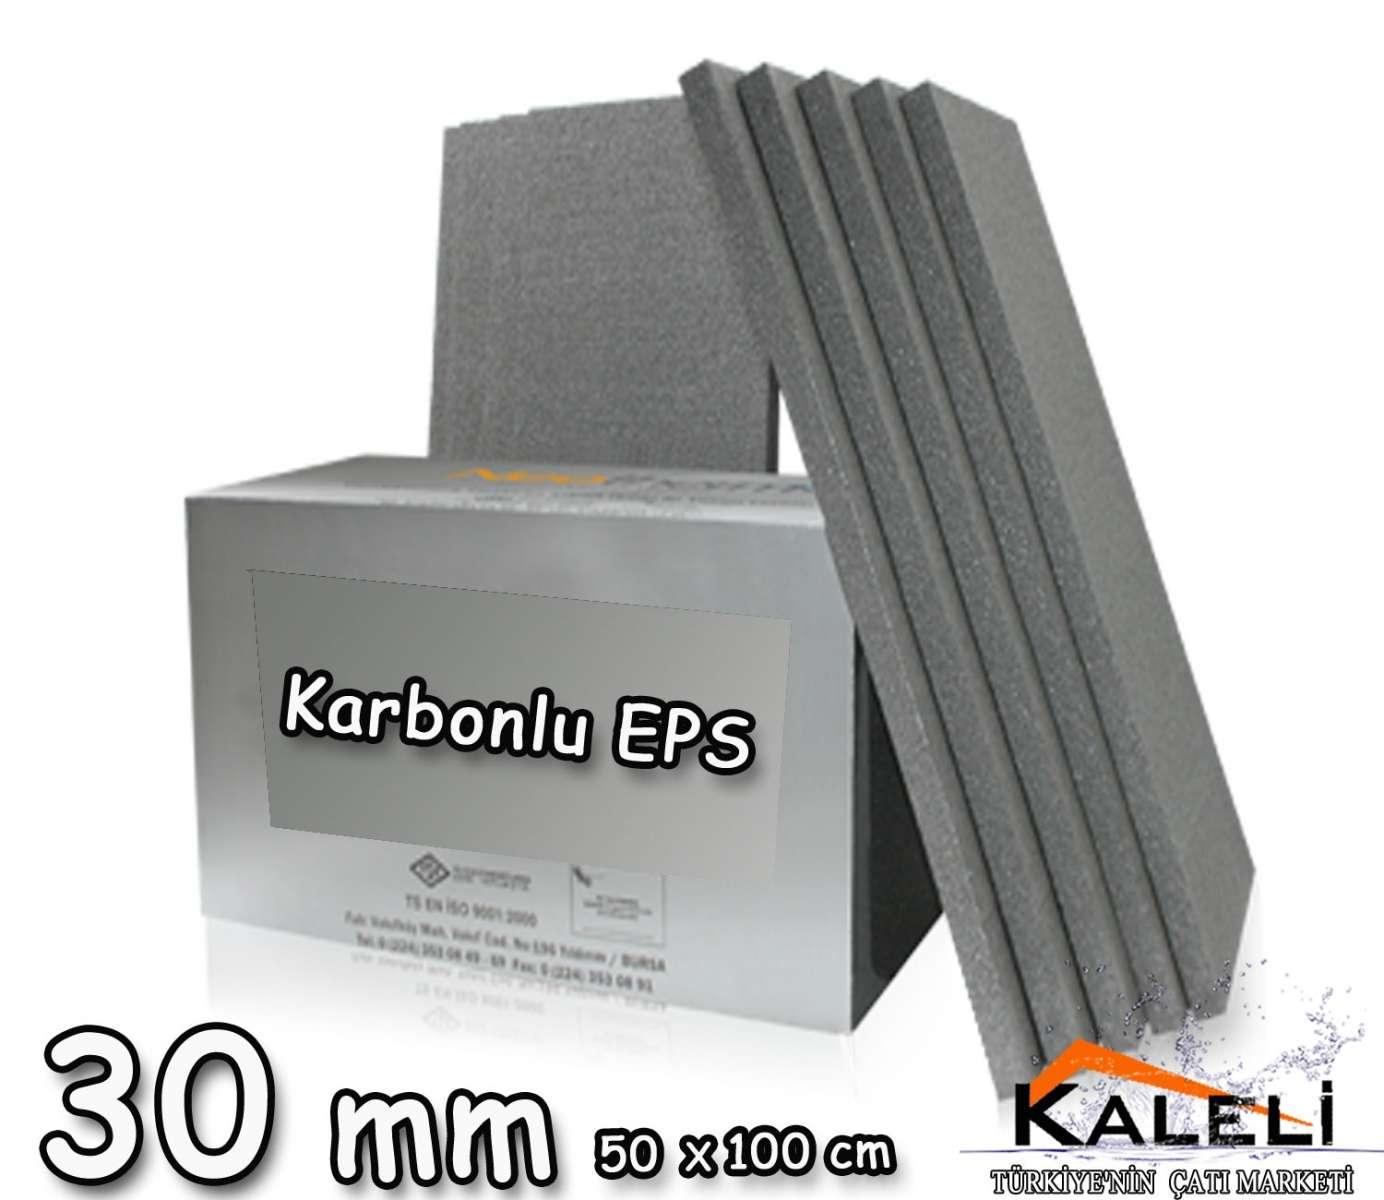 Karbonlu Mantolama Levhası 30 mm